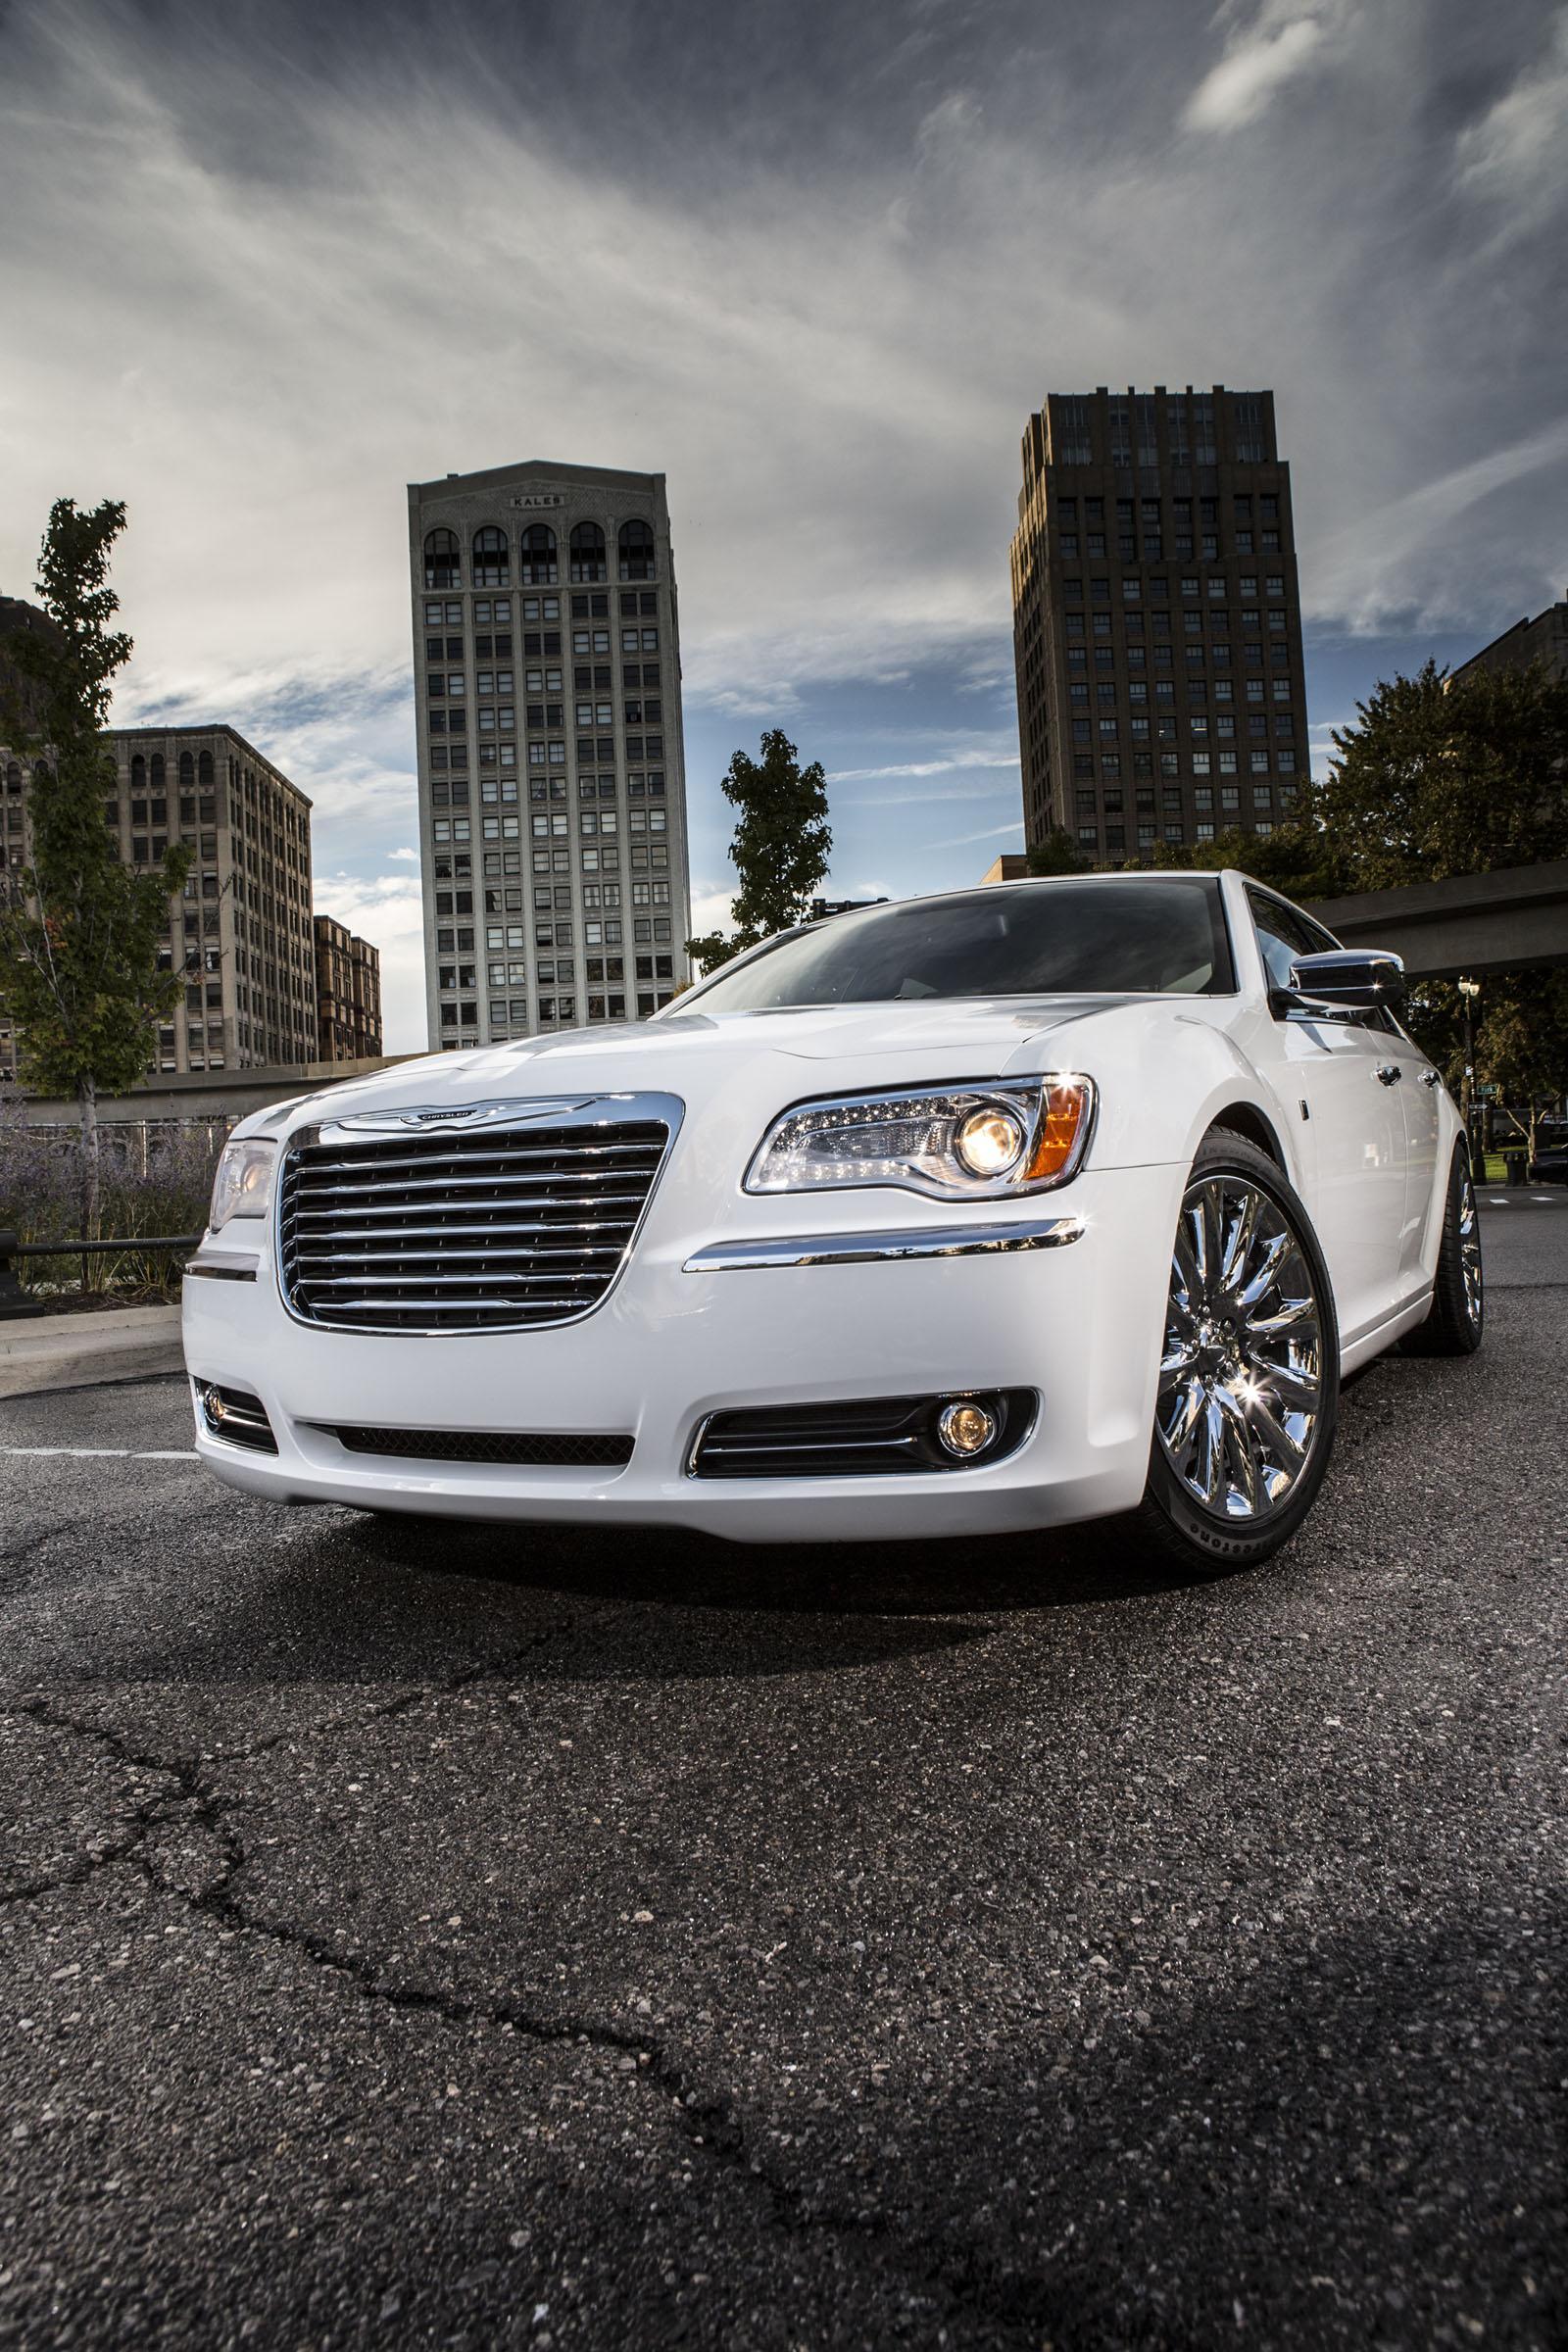 Chrysler 300 S >> 2013 Chrysler 300 Motown Edition - US Price $32,995